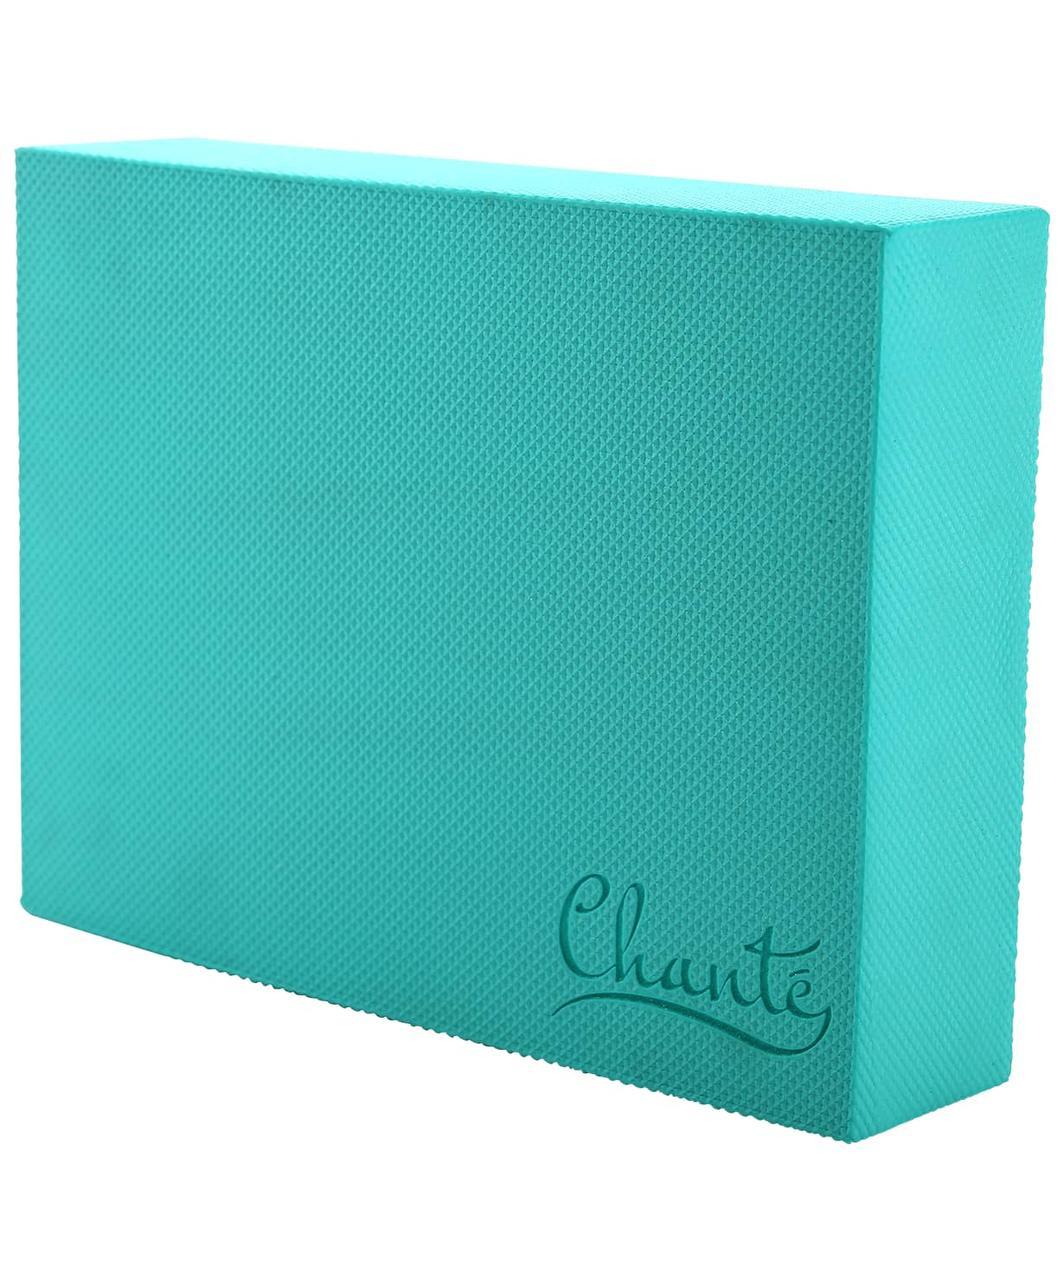 Подушка для растяжки Module, аквамарин Chanté